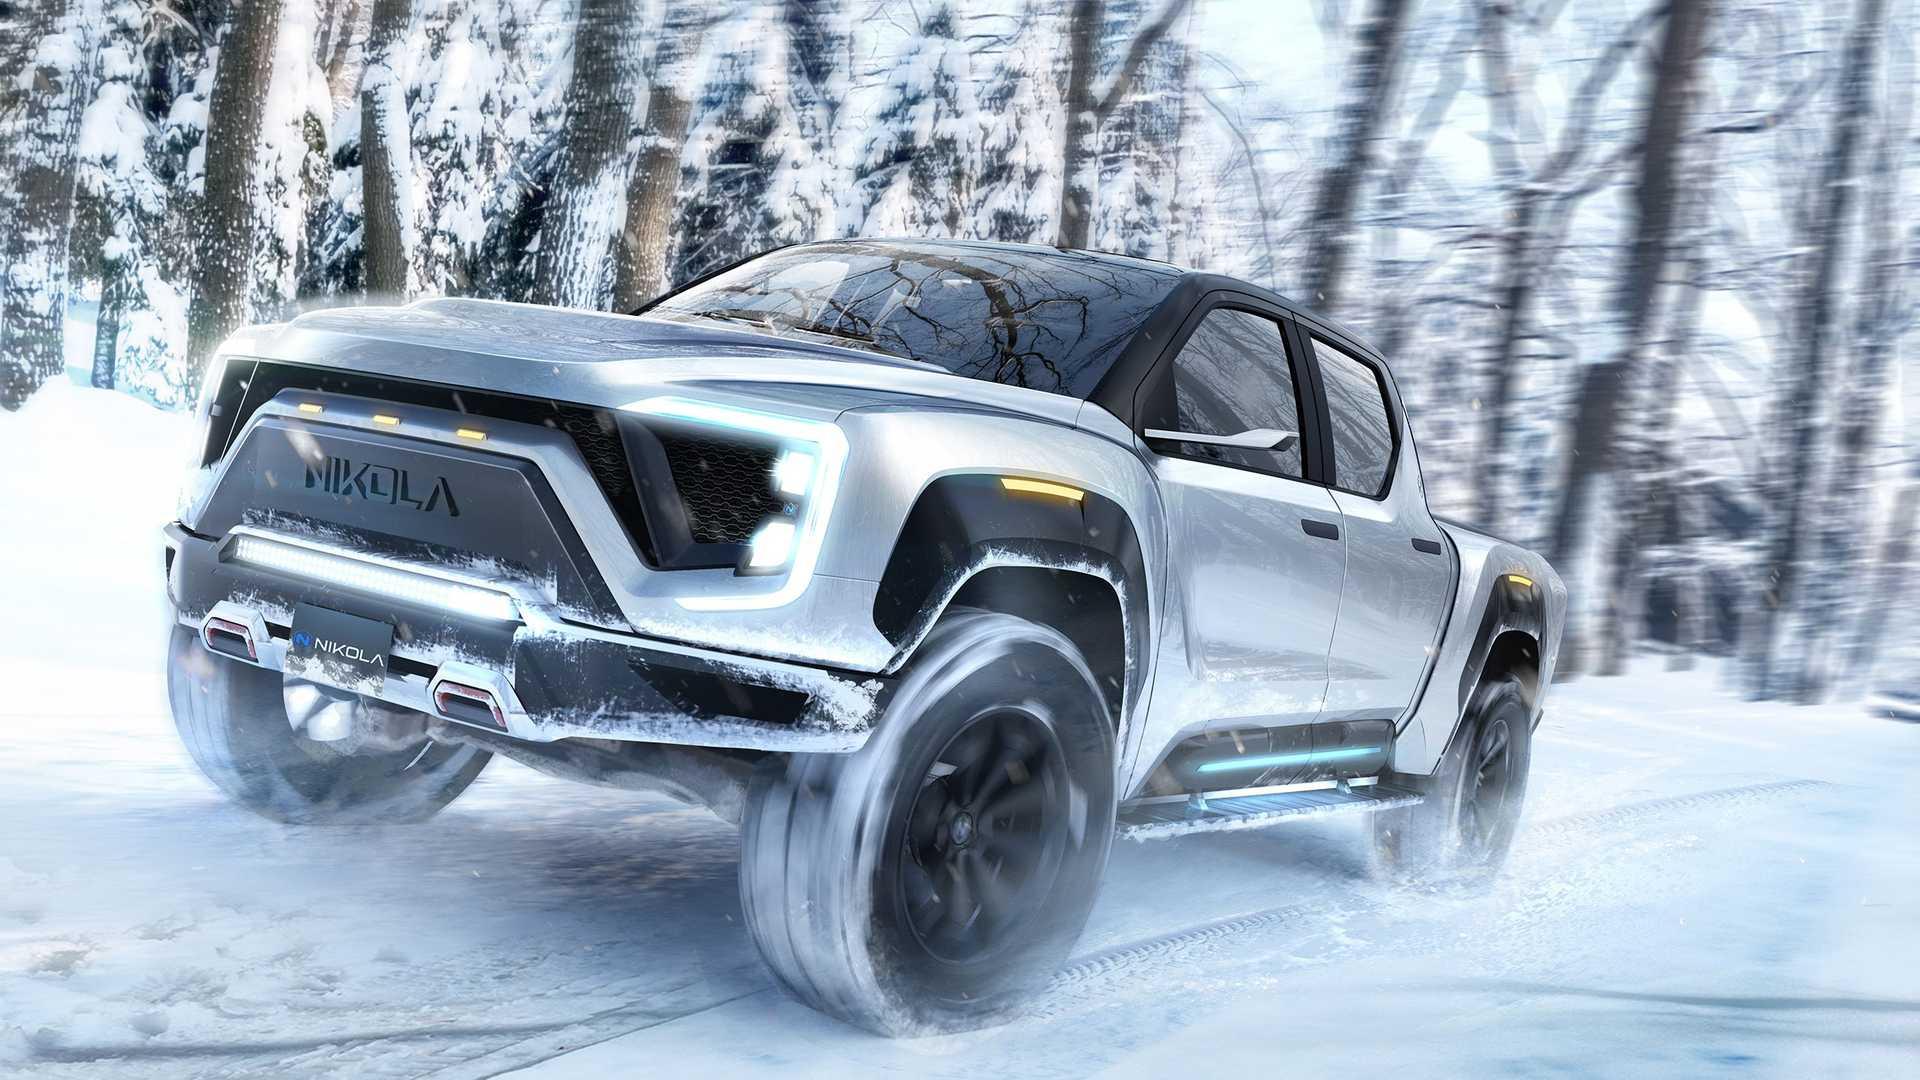 General Motors будет выпускать электрические пикапы Nikola. Акции обеих компаний взлетели после анонса